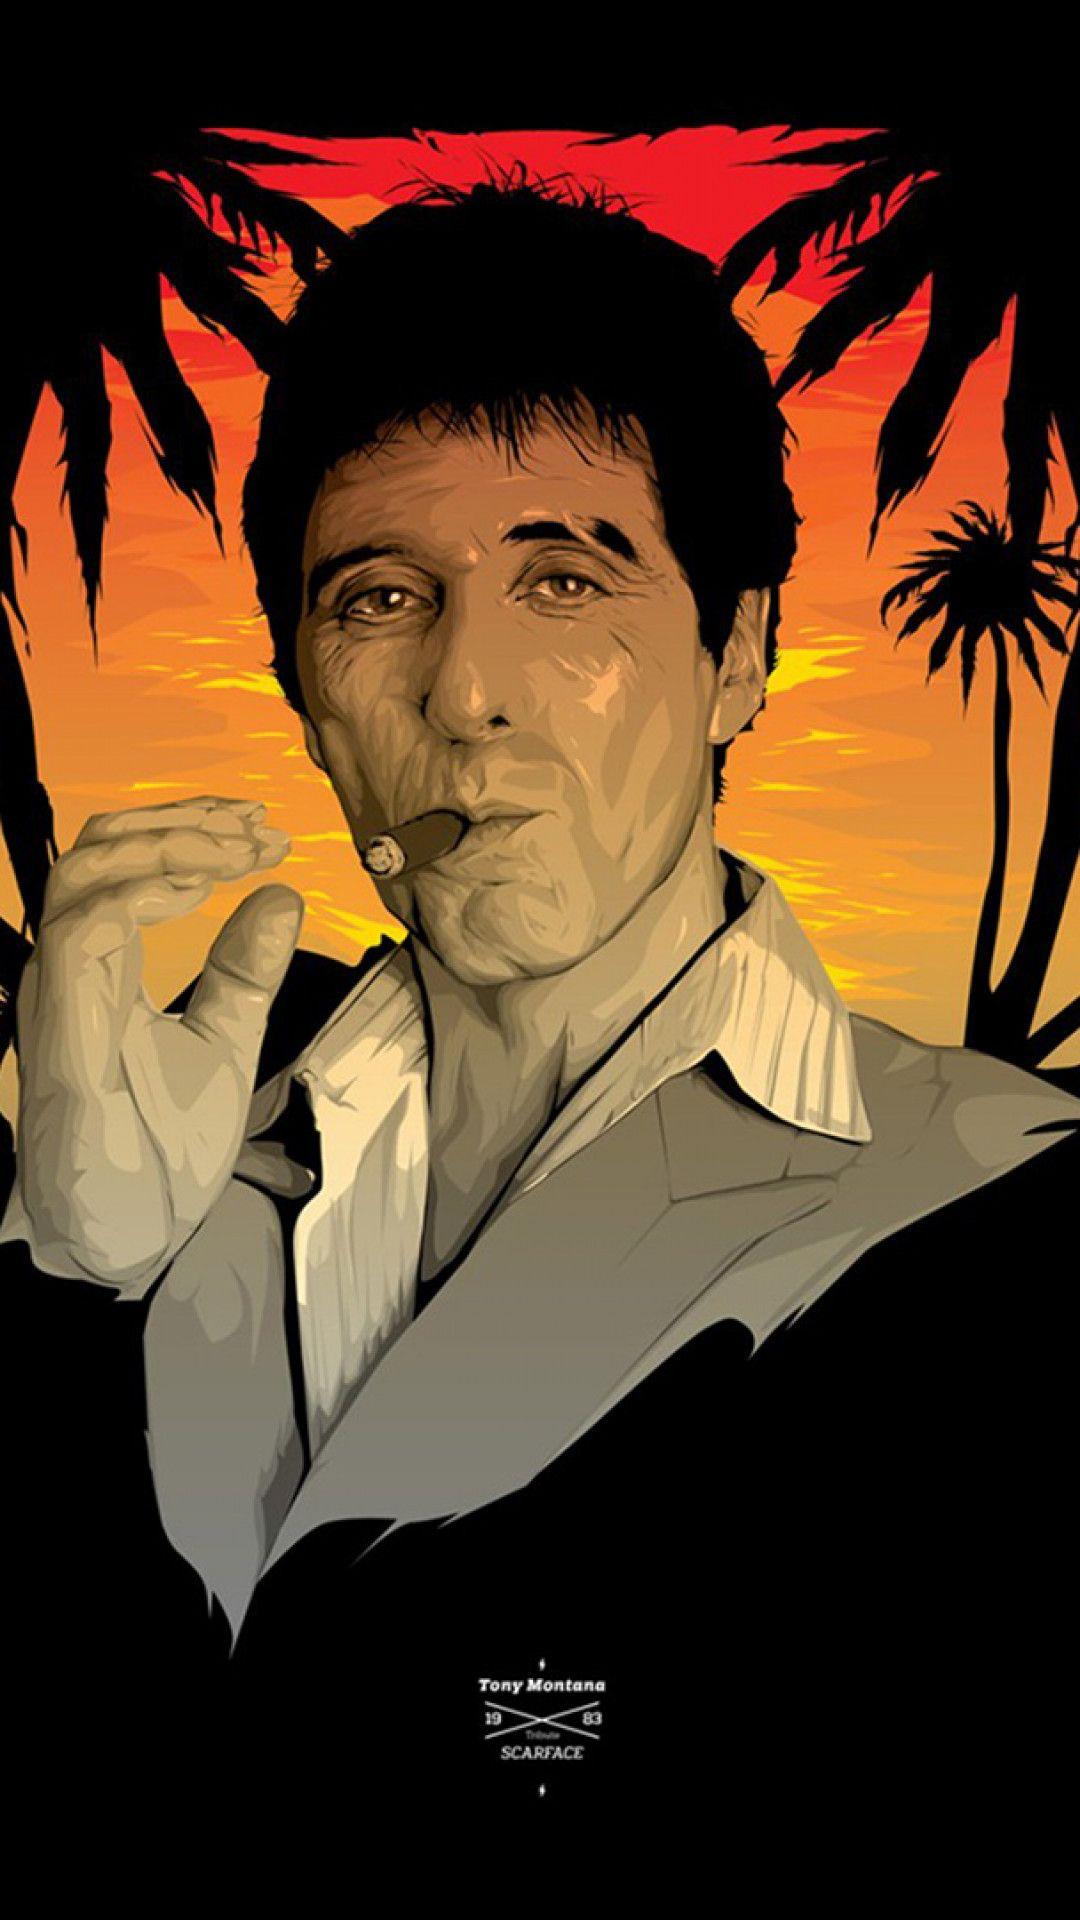 Tony Montana Wallpaper Tony Montana Scarface Gangster Movies